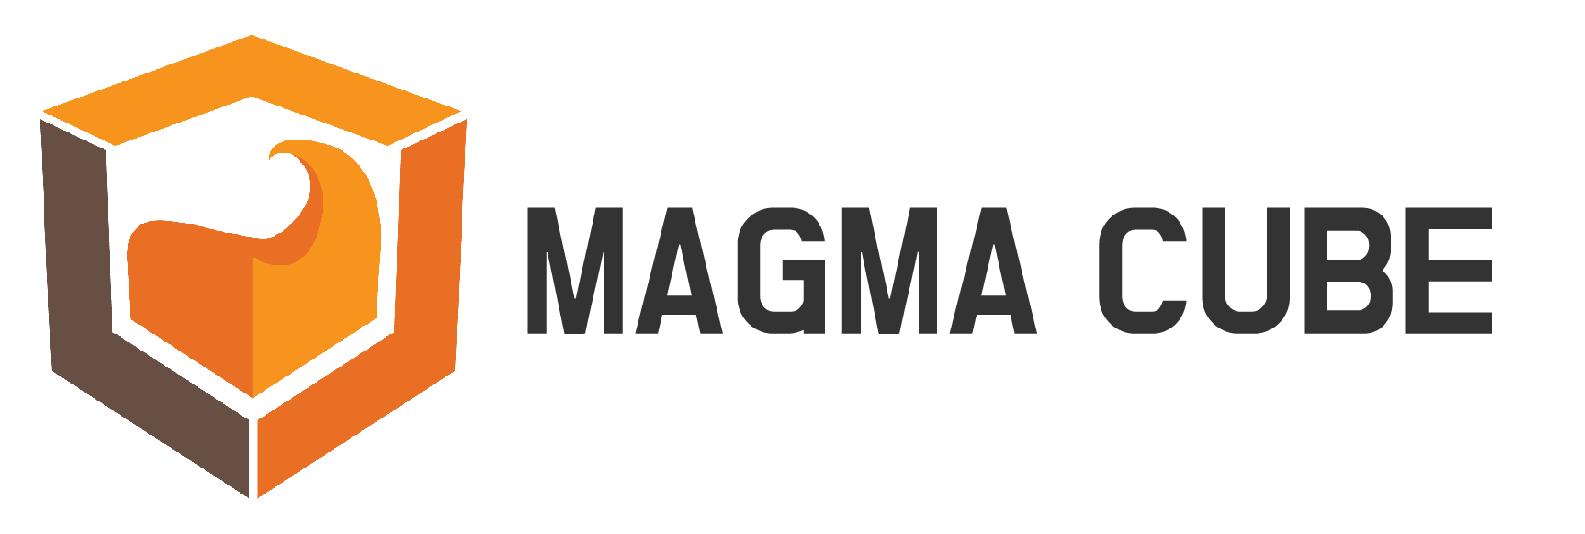 주식회사 마그마큐브 (MagmaCube Co. , Ltd)